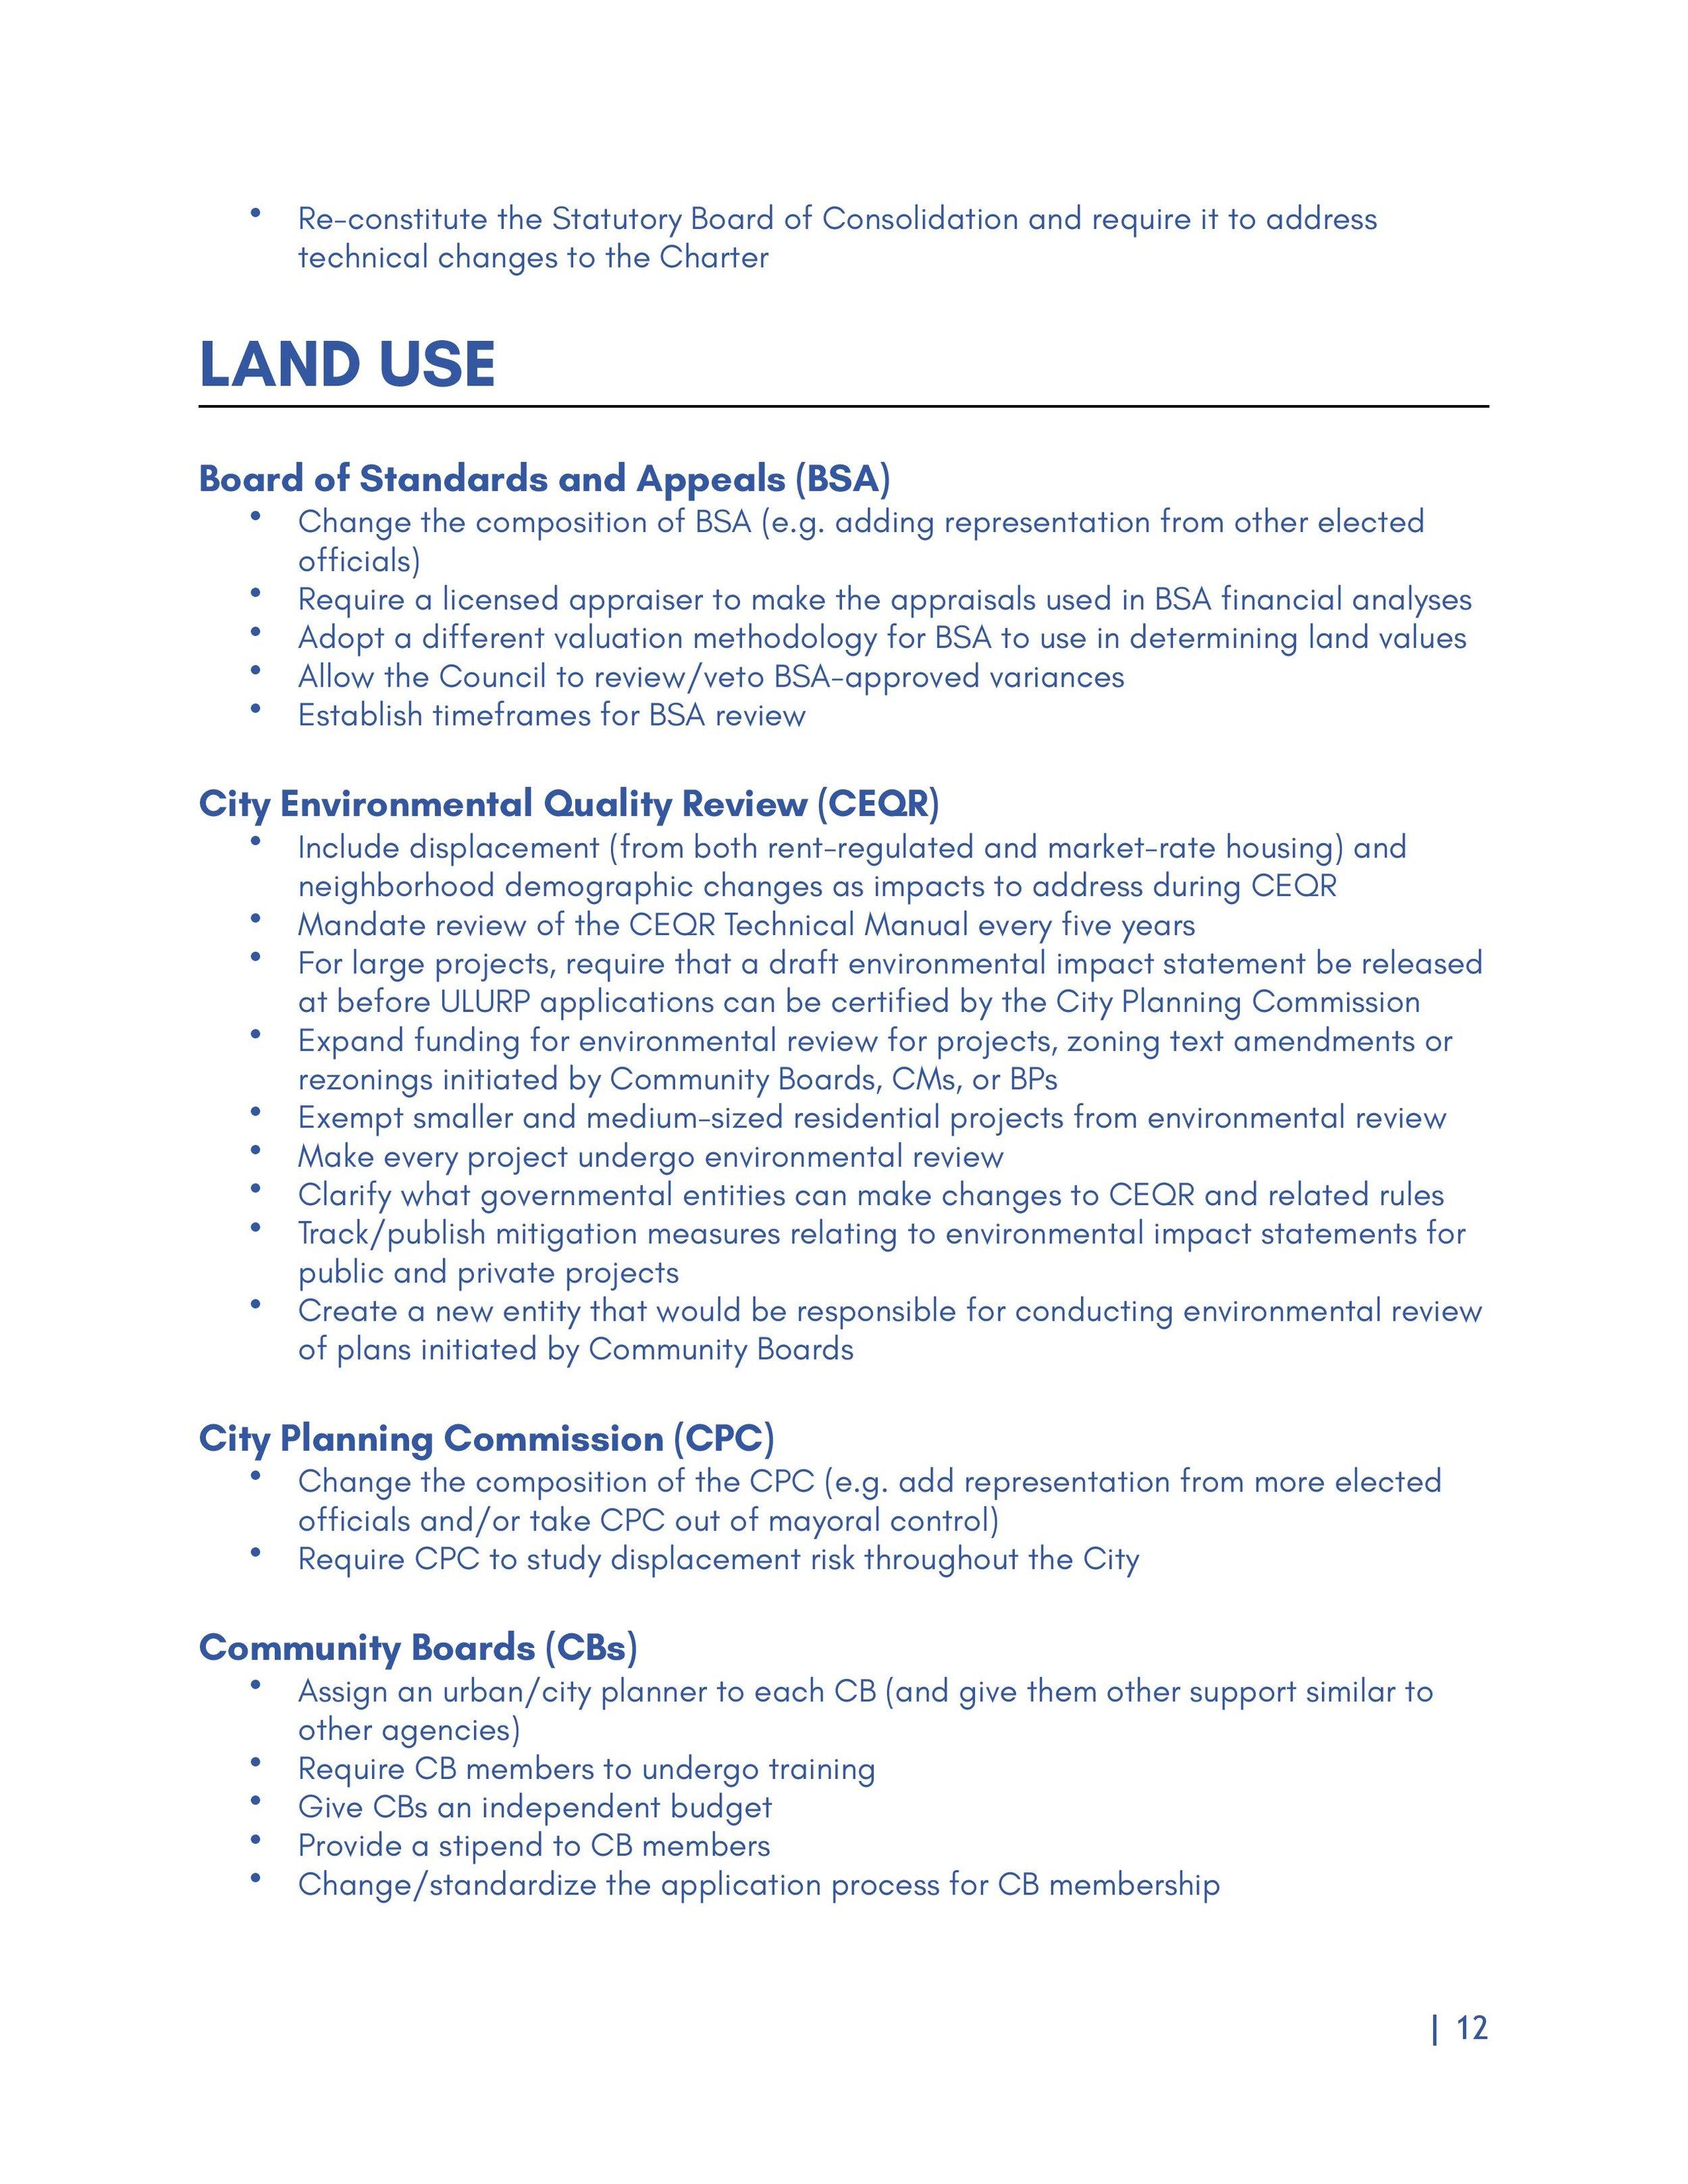 Proposals-page-012.jpg